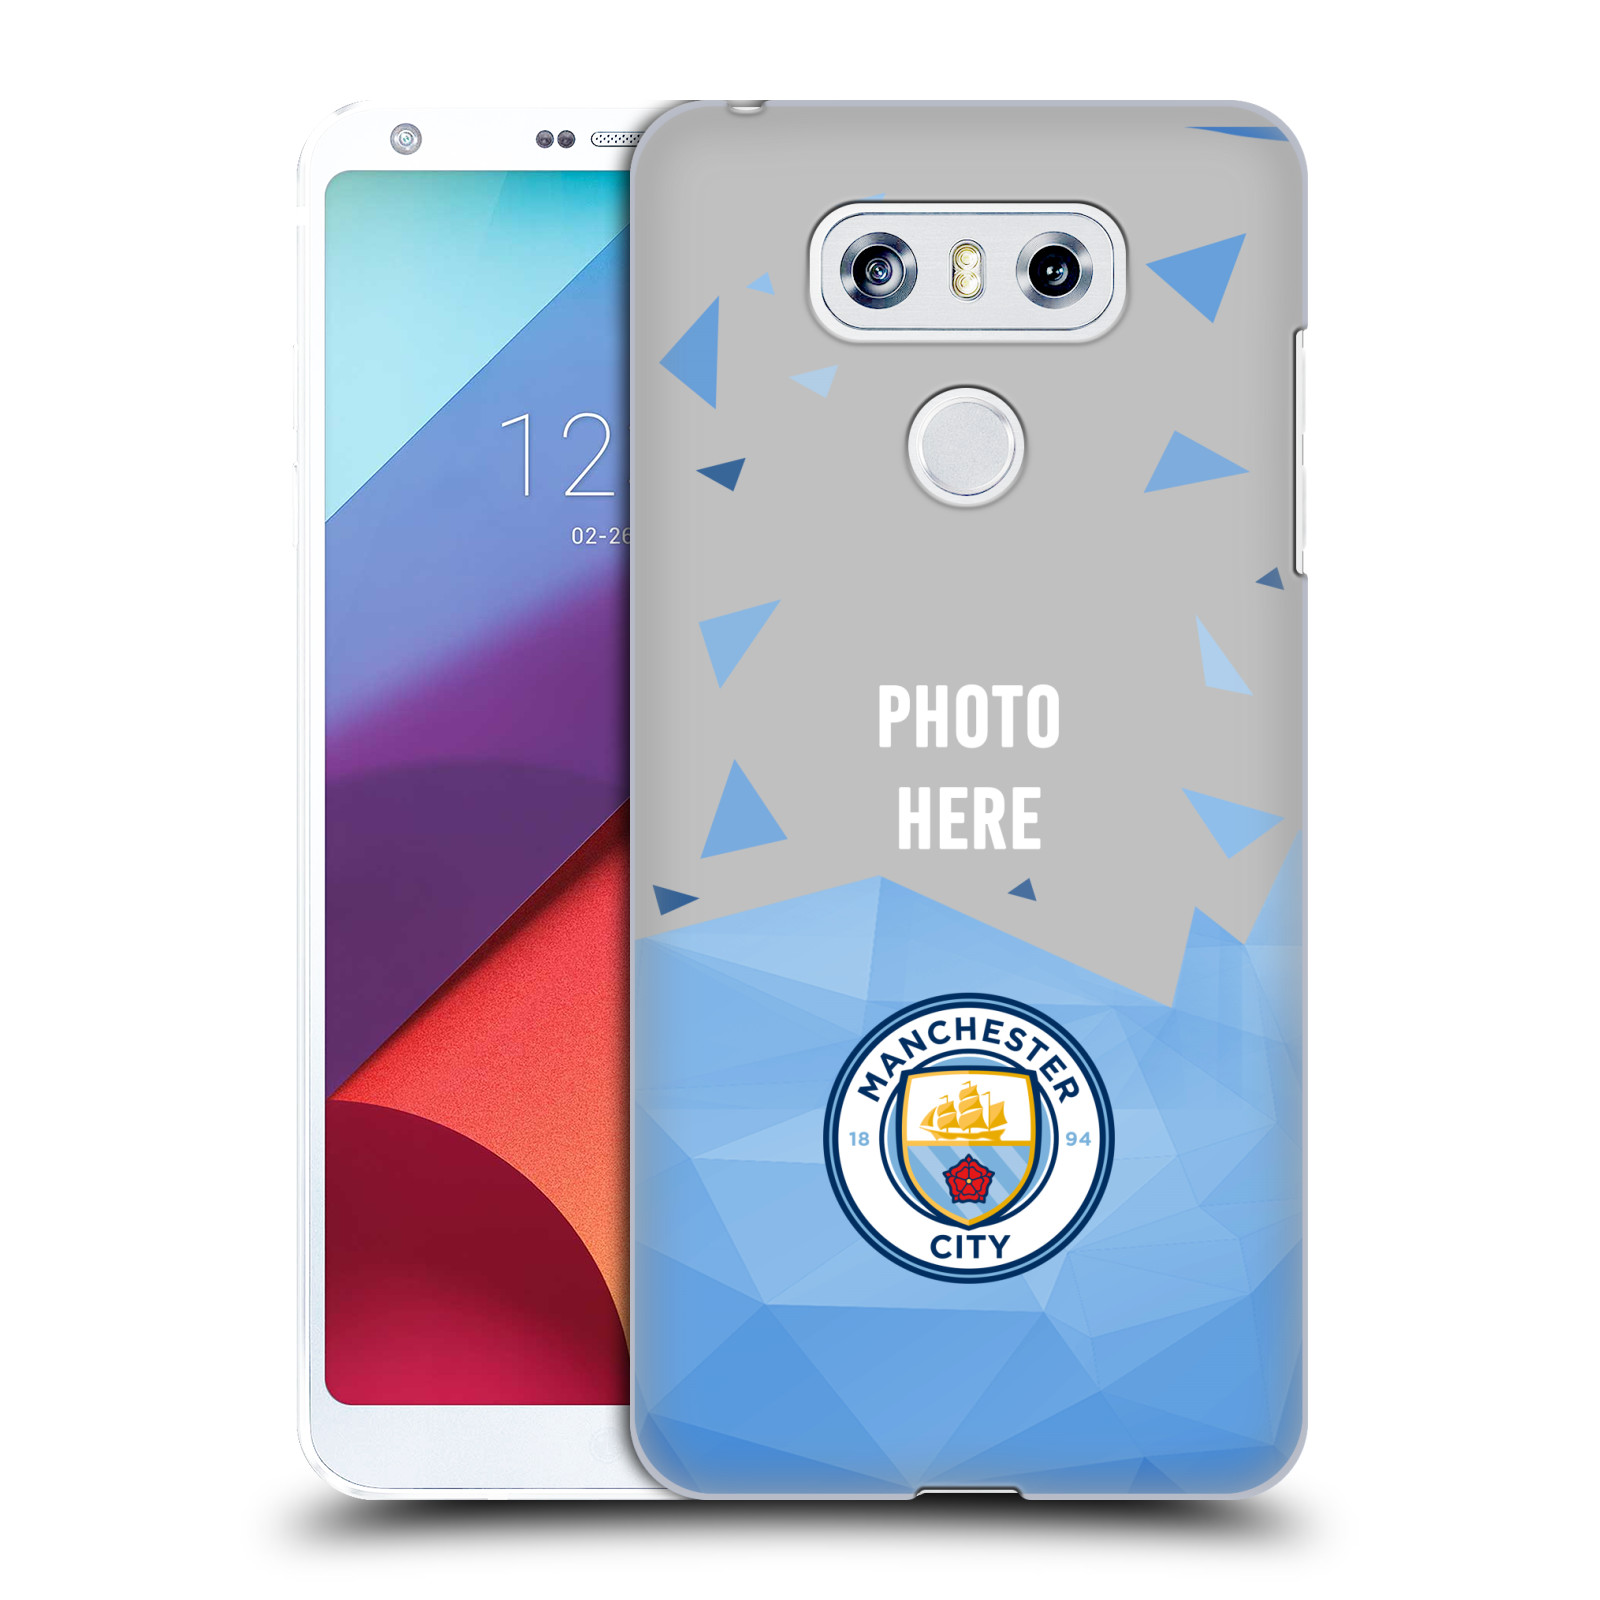 Ciudad-Personalizado-MANCHESTER-Hombre-Ciudad-Fc-2017-18-logotipos-y-funda-para-telefonos-LG-Kit-1